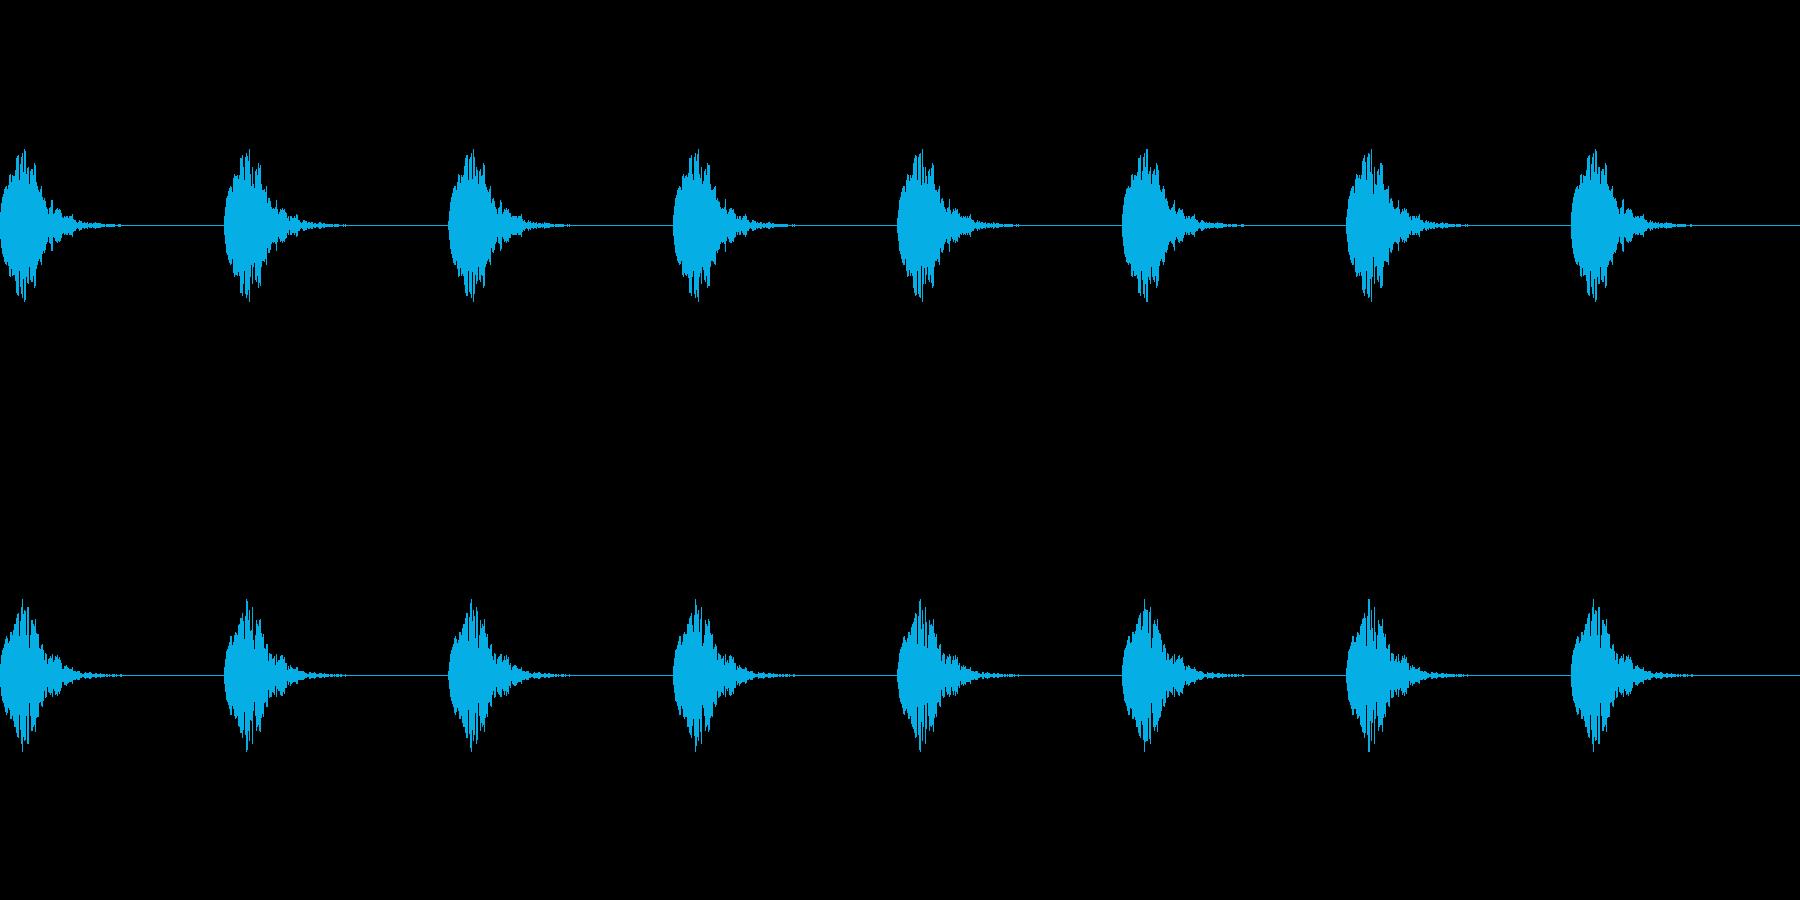 【誘導音 横断歩道01-4L】の再生済みの波形